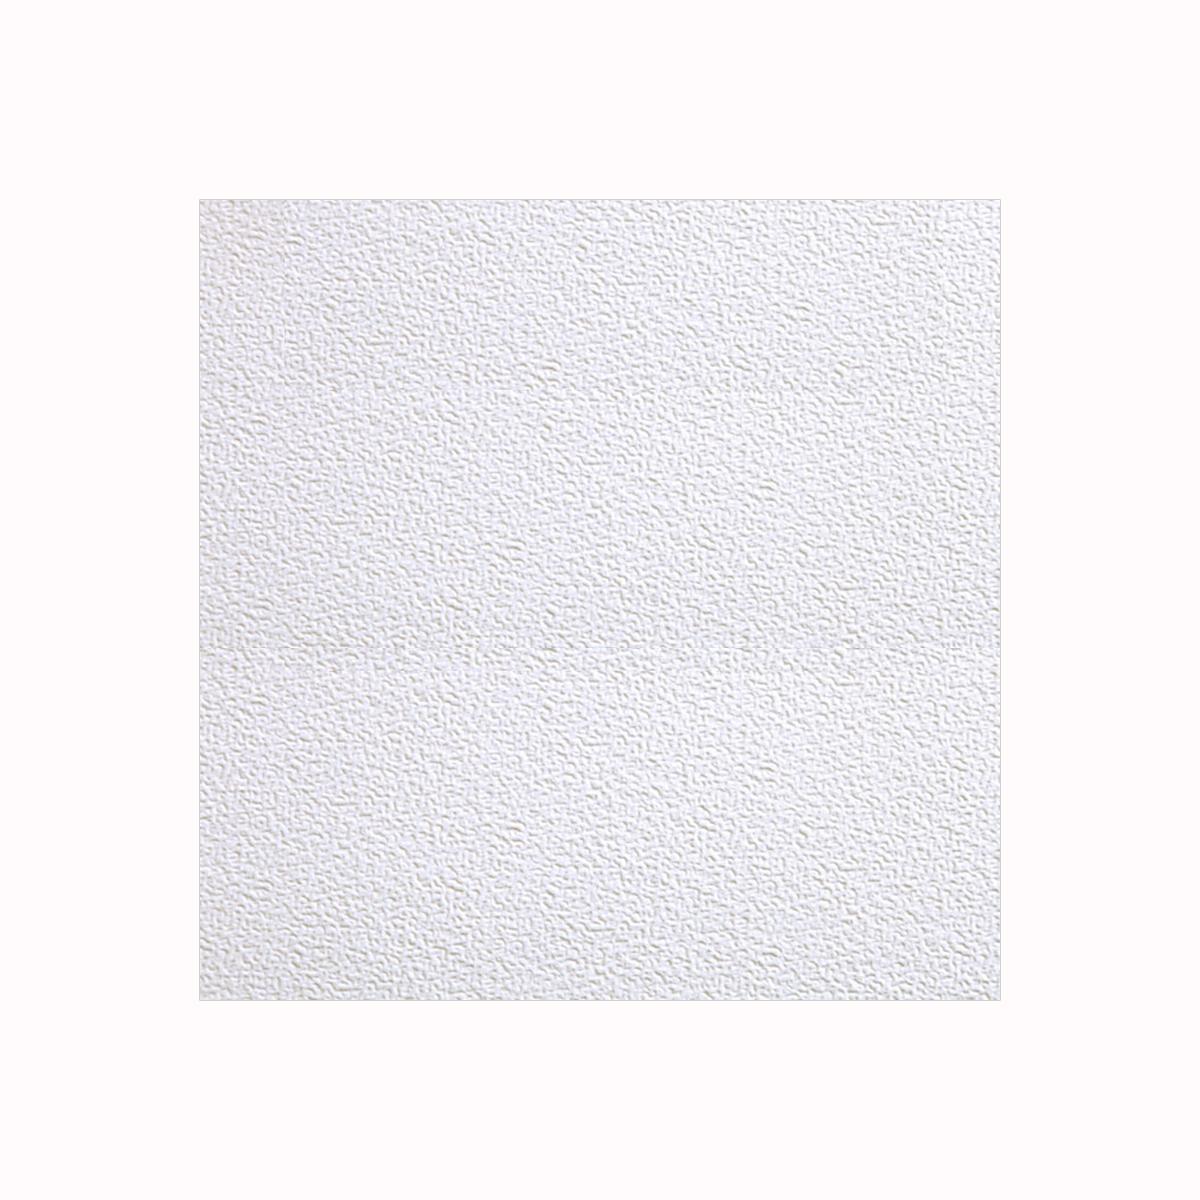 Бумага фактурная Лоза Яичная скорлупа, цвет: белый, 3 листа582217Фактурная бумага для скрапбукинга Лоза Яичная скорлупа позволит создать красивый альбом, фоторамку или открытку ручной работы, оформить подарок или аппликацию. Набор включает в себя 3 листа из плотной бумаги.Скрапбукинг - это хобби, которое способно приносить массу приятных эмоций не только человеку, который этим занимается, но и его близким, друзьям, родным. Это невероятно увлекательное занятие, которое поможет вам сохранить наиболее памятные и яркие моменты вашей жизни, а также интересно оформить интерьер дома.